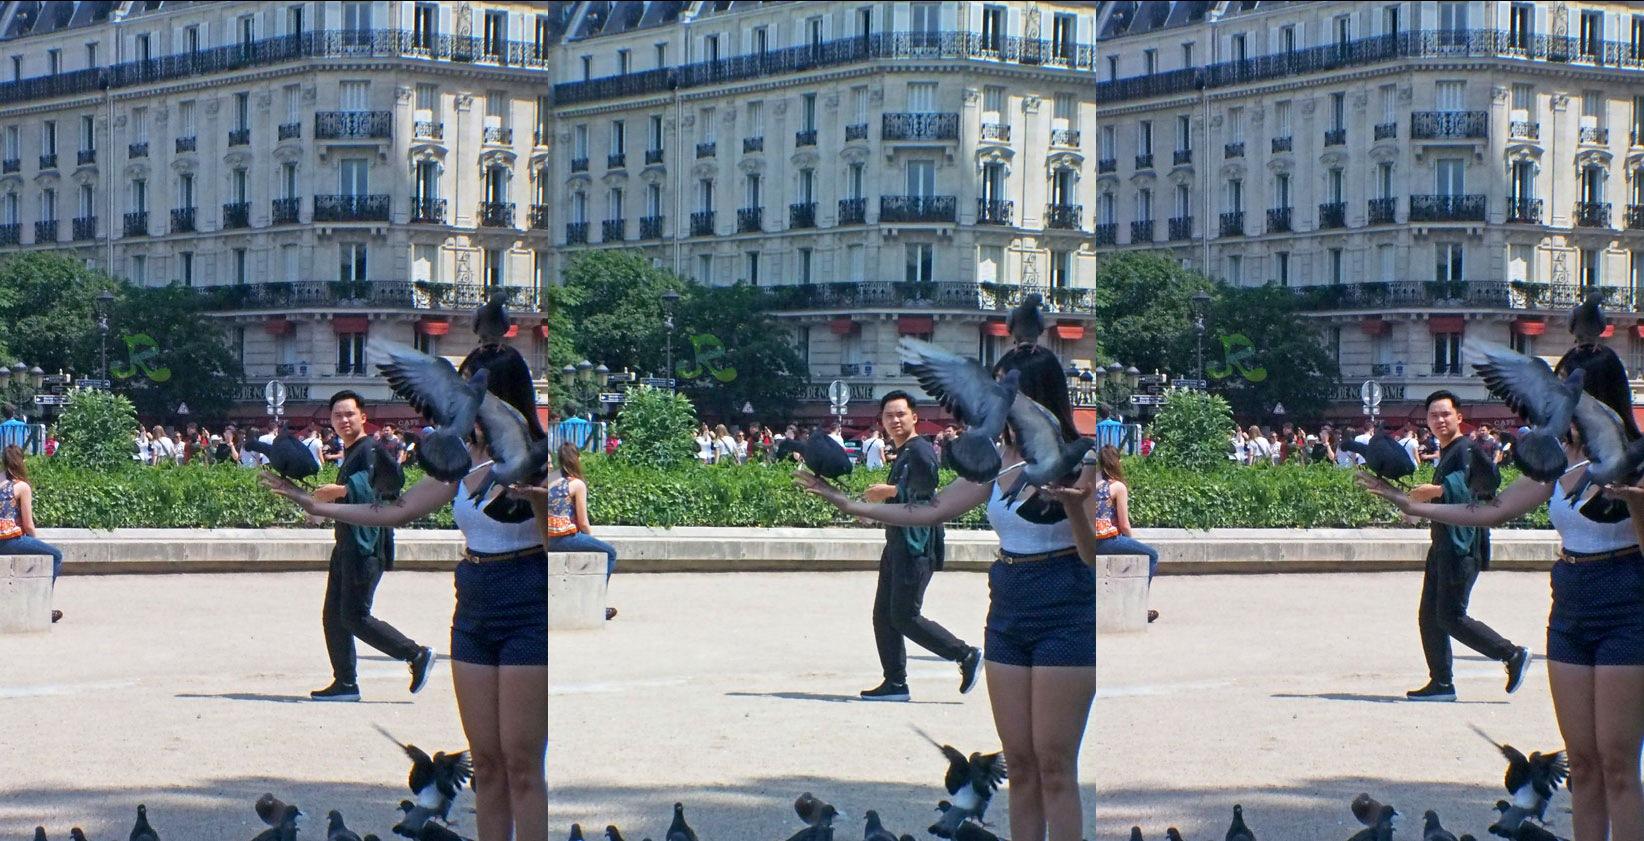 Birds on tourists — Stereoscopy by jacquesraffin